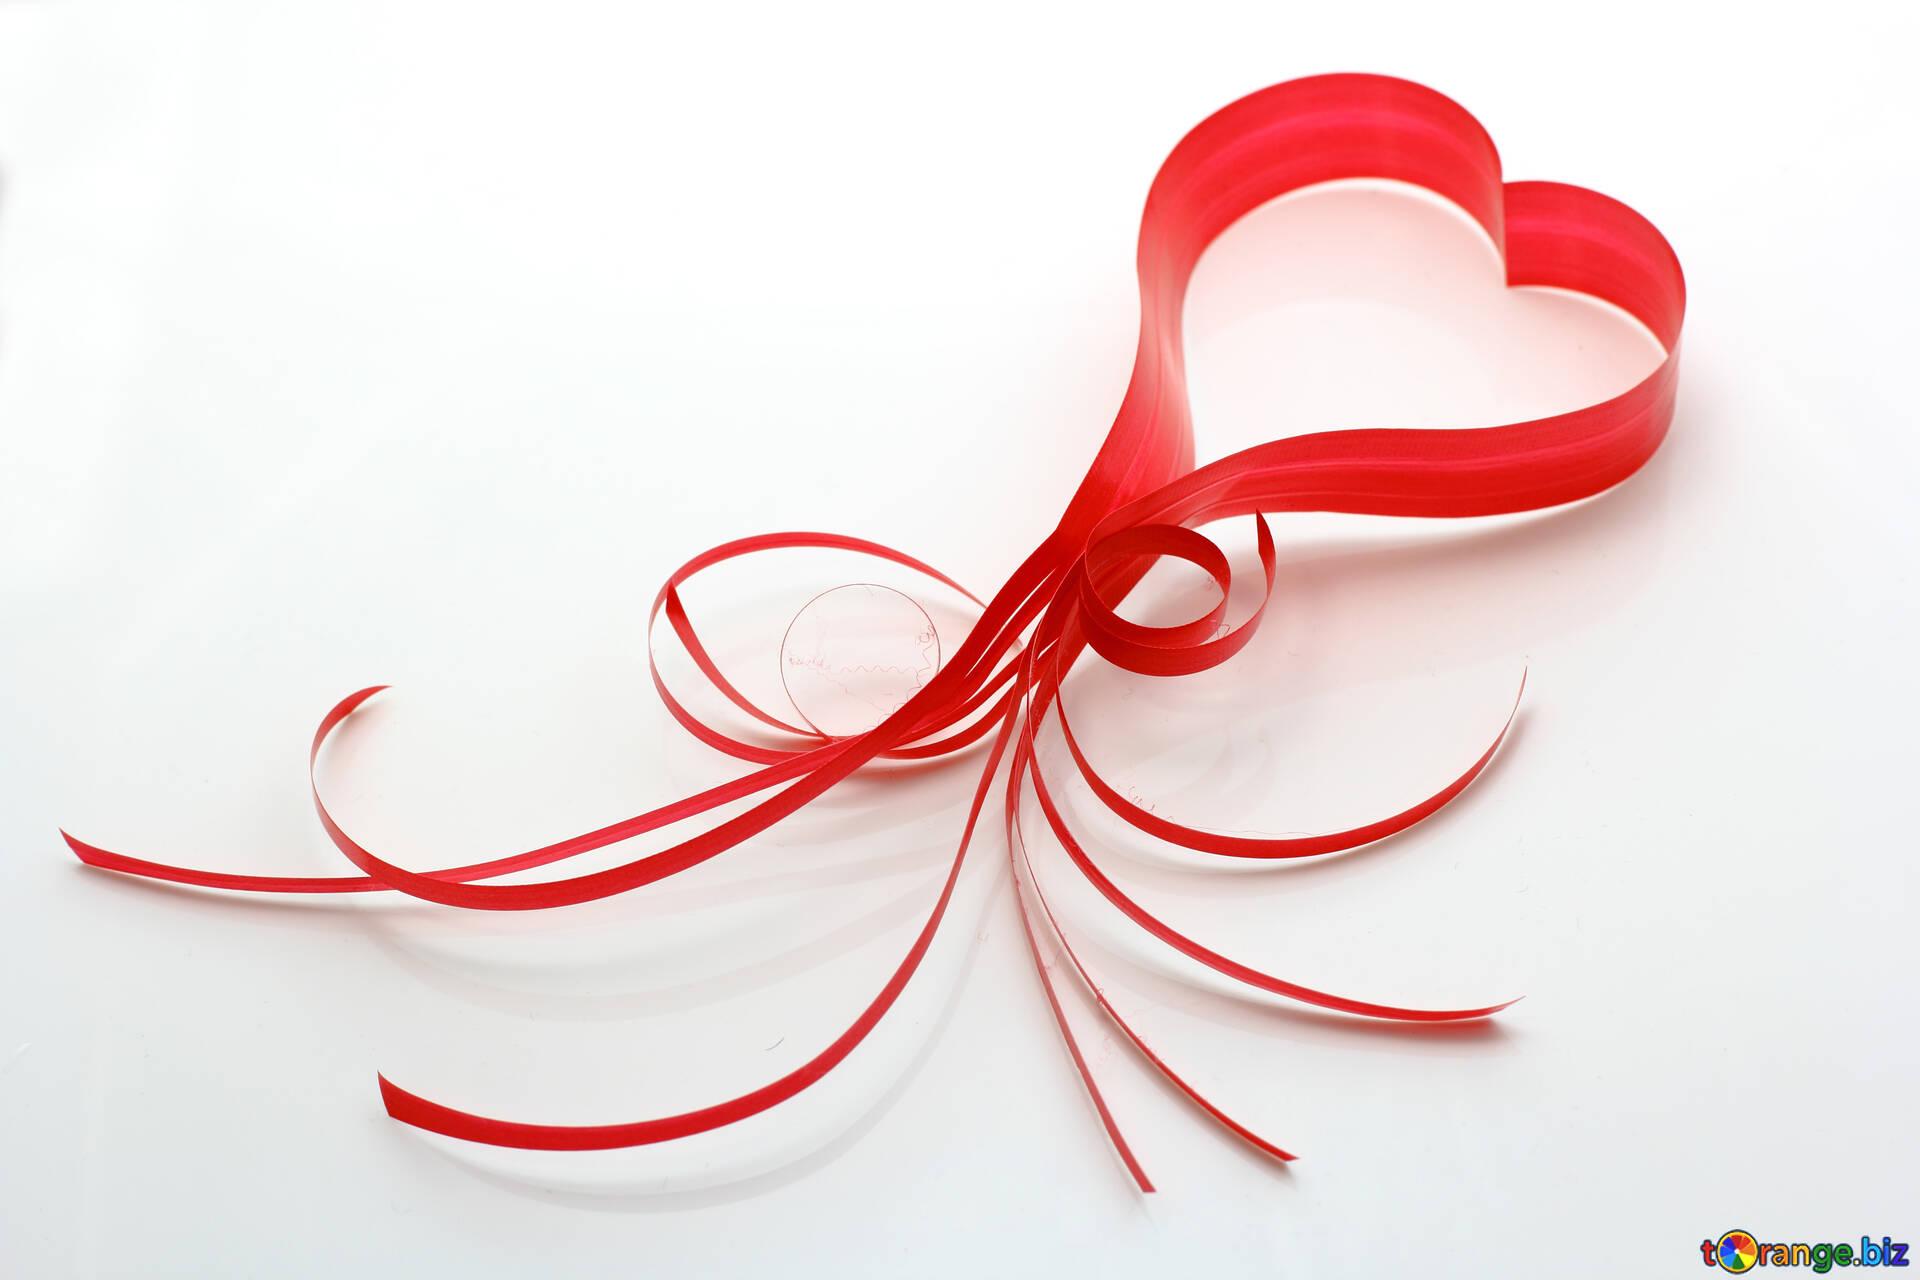 Heart Ribbon Love Letter Heart 16340